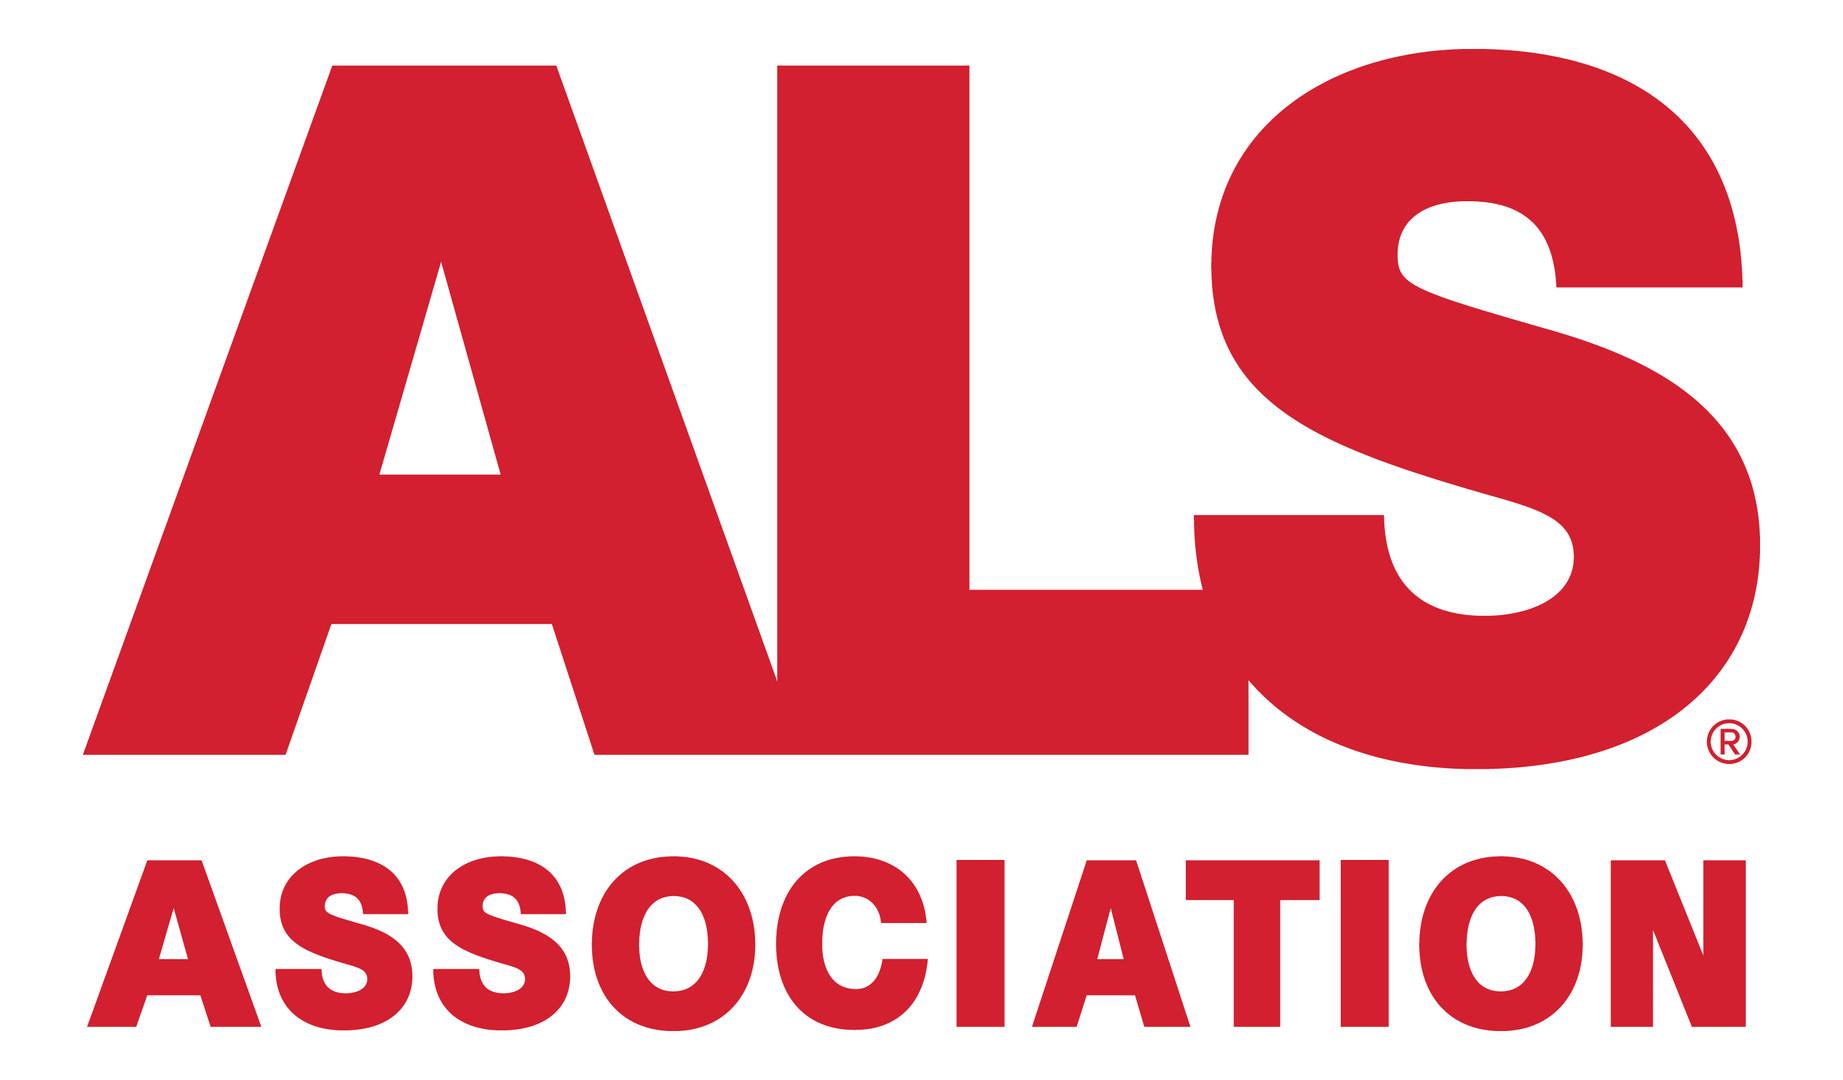 ALS_Association_logo.jpg